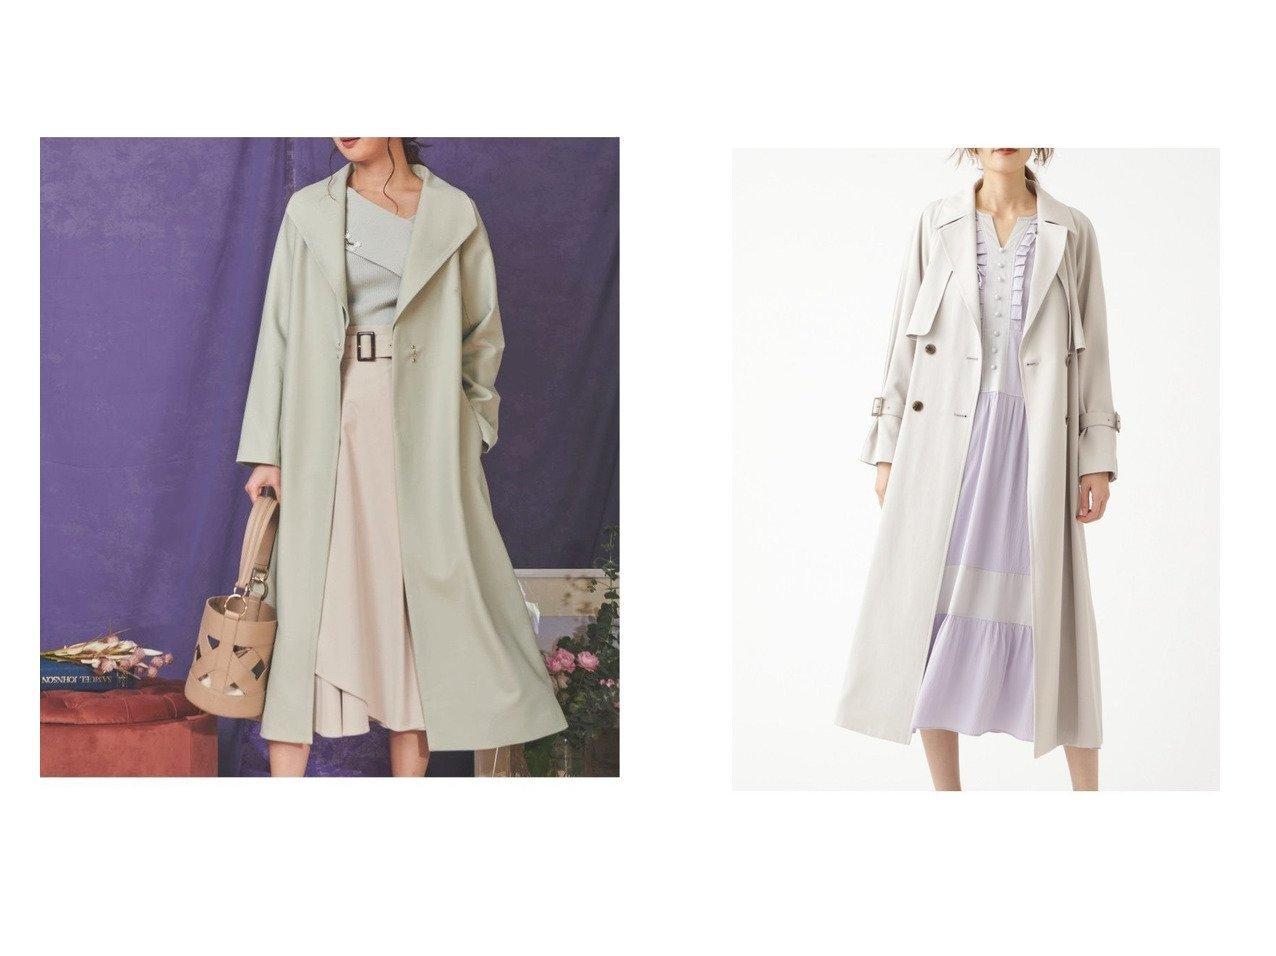 【JILLSTUART/ジルスチュアート】のレニーコート&【Noela/ノエラ】のバックフレアスプリングコート アウターのおすすめ!人気、トレンド・レディースファッションの通販  おすすめで人気の流行・トレンド、ファッションの通販商品 メンズファッション・キッズファッション・インテリア・家具・レディースファッション・服の通販 founy(ファニー) https://founy.com/ ファッション Fashion レディースファッション WOMEN アウター Coat Outerwear コート Coats ジャケット Jackets バッグ Bag NEW・新作・新着・新入荷 New Arrivals ジャケット フレア ロング 春 ショート スリーブ ツイル バランス ラベンダー |ID:crp329100000009965